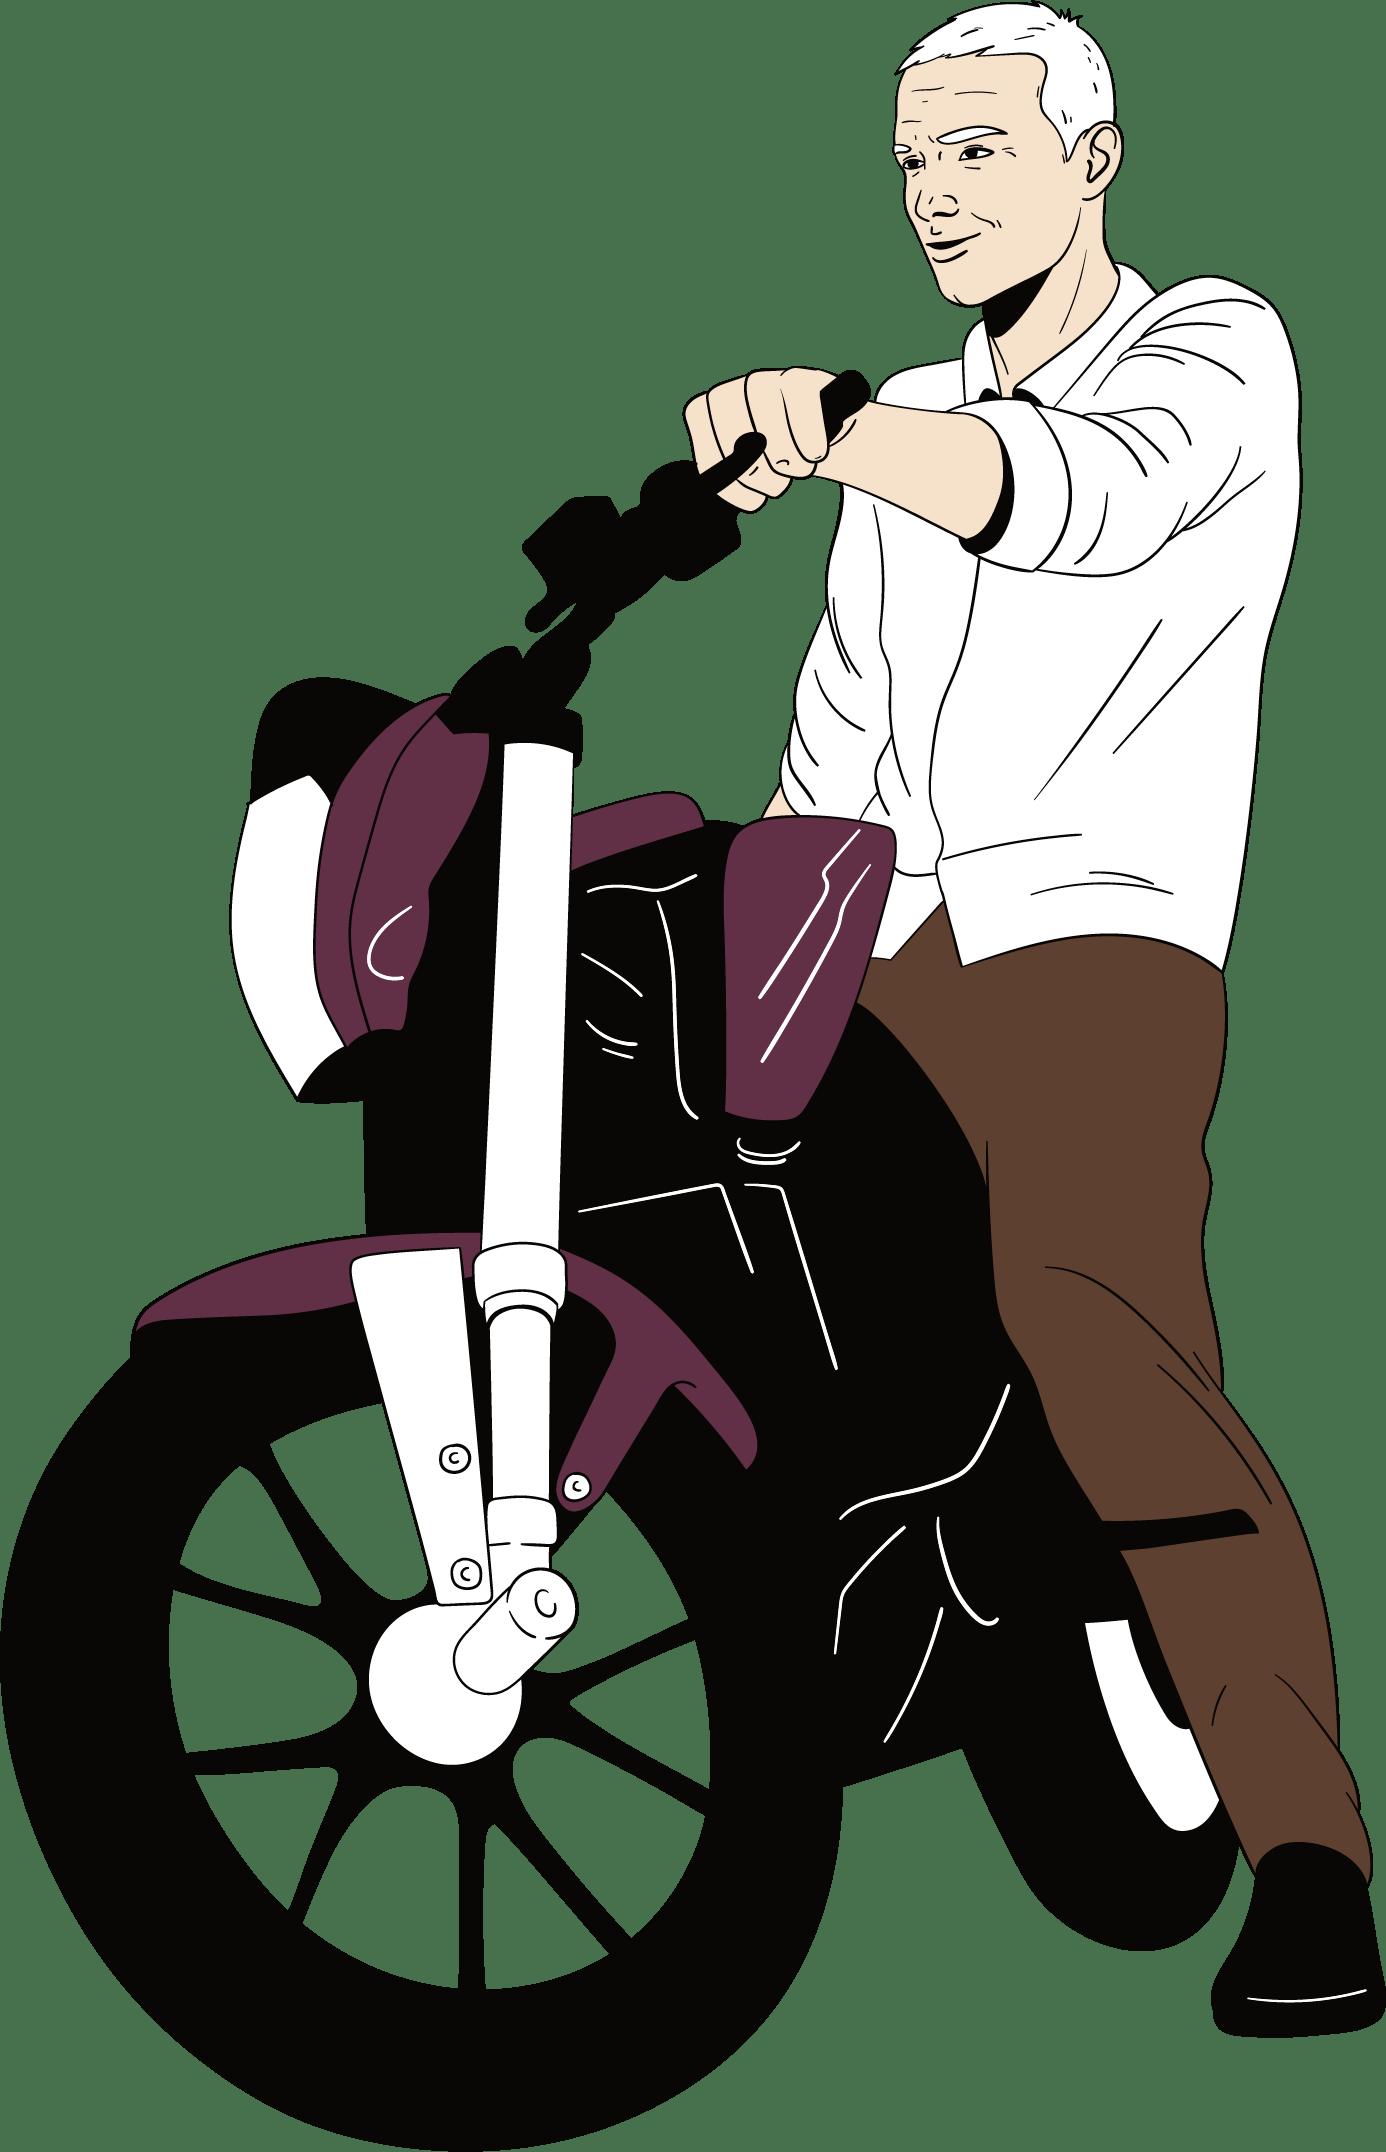 Een typische geval van een midlife crisis bij een man, want hij zit op een stoere motor.